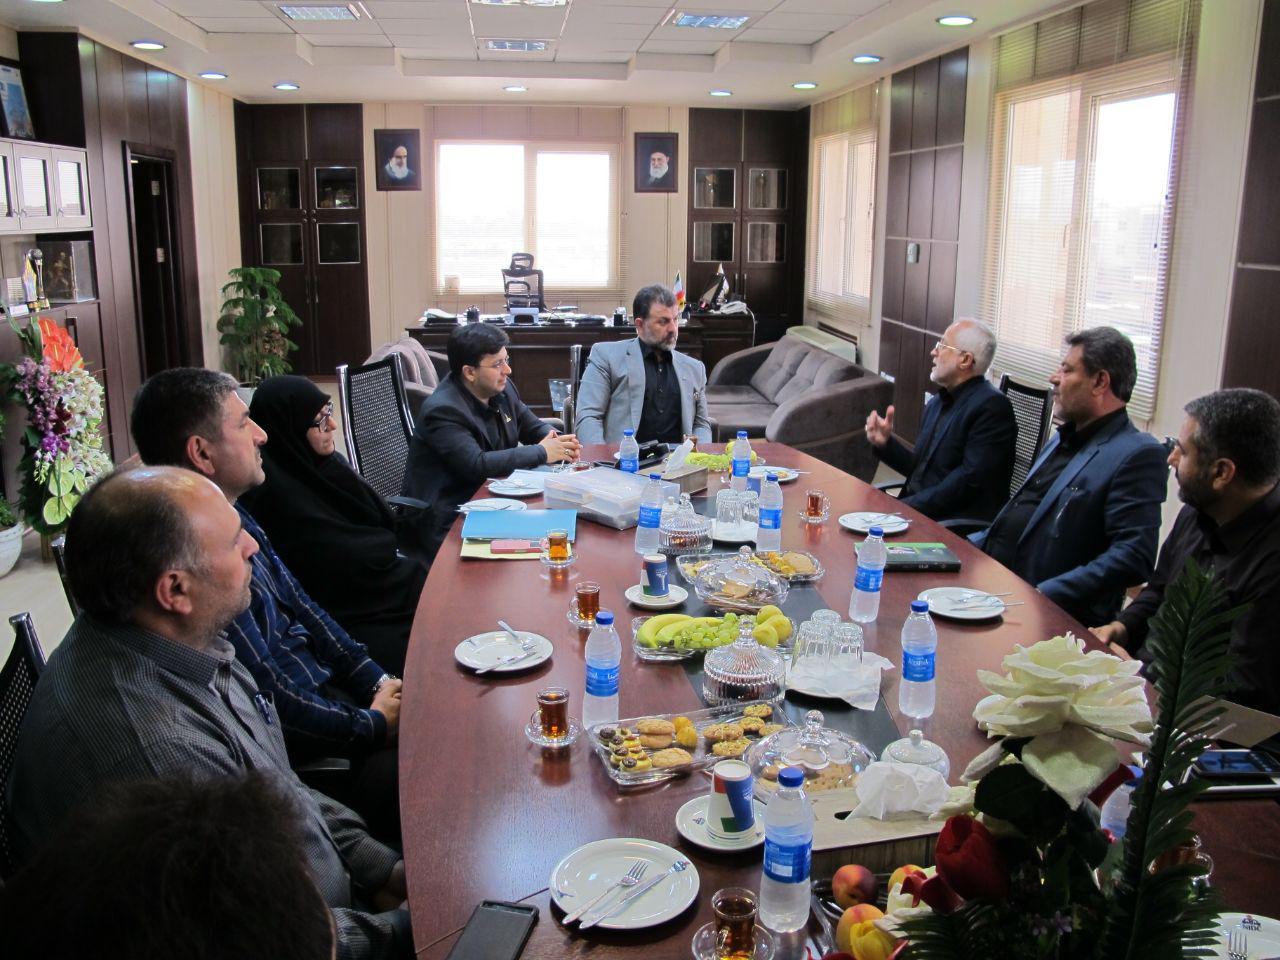 دیدار فرمانده حوزه شهید تندگویان با مهندس سپهری مدیرعامل جدید حفاری